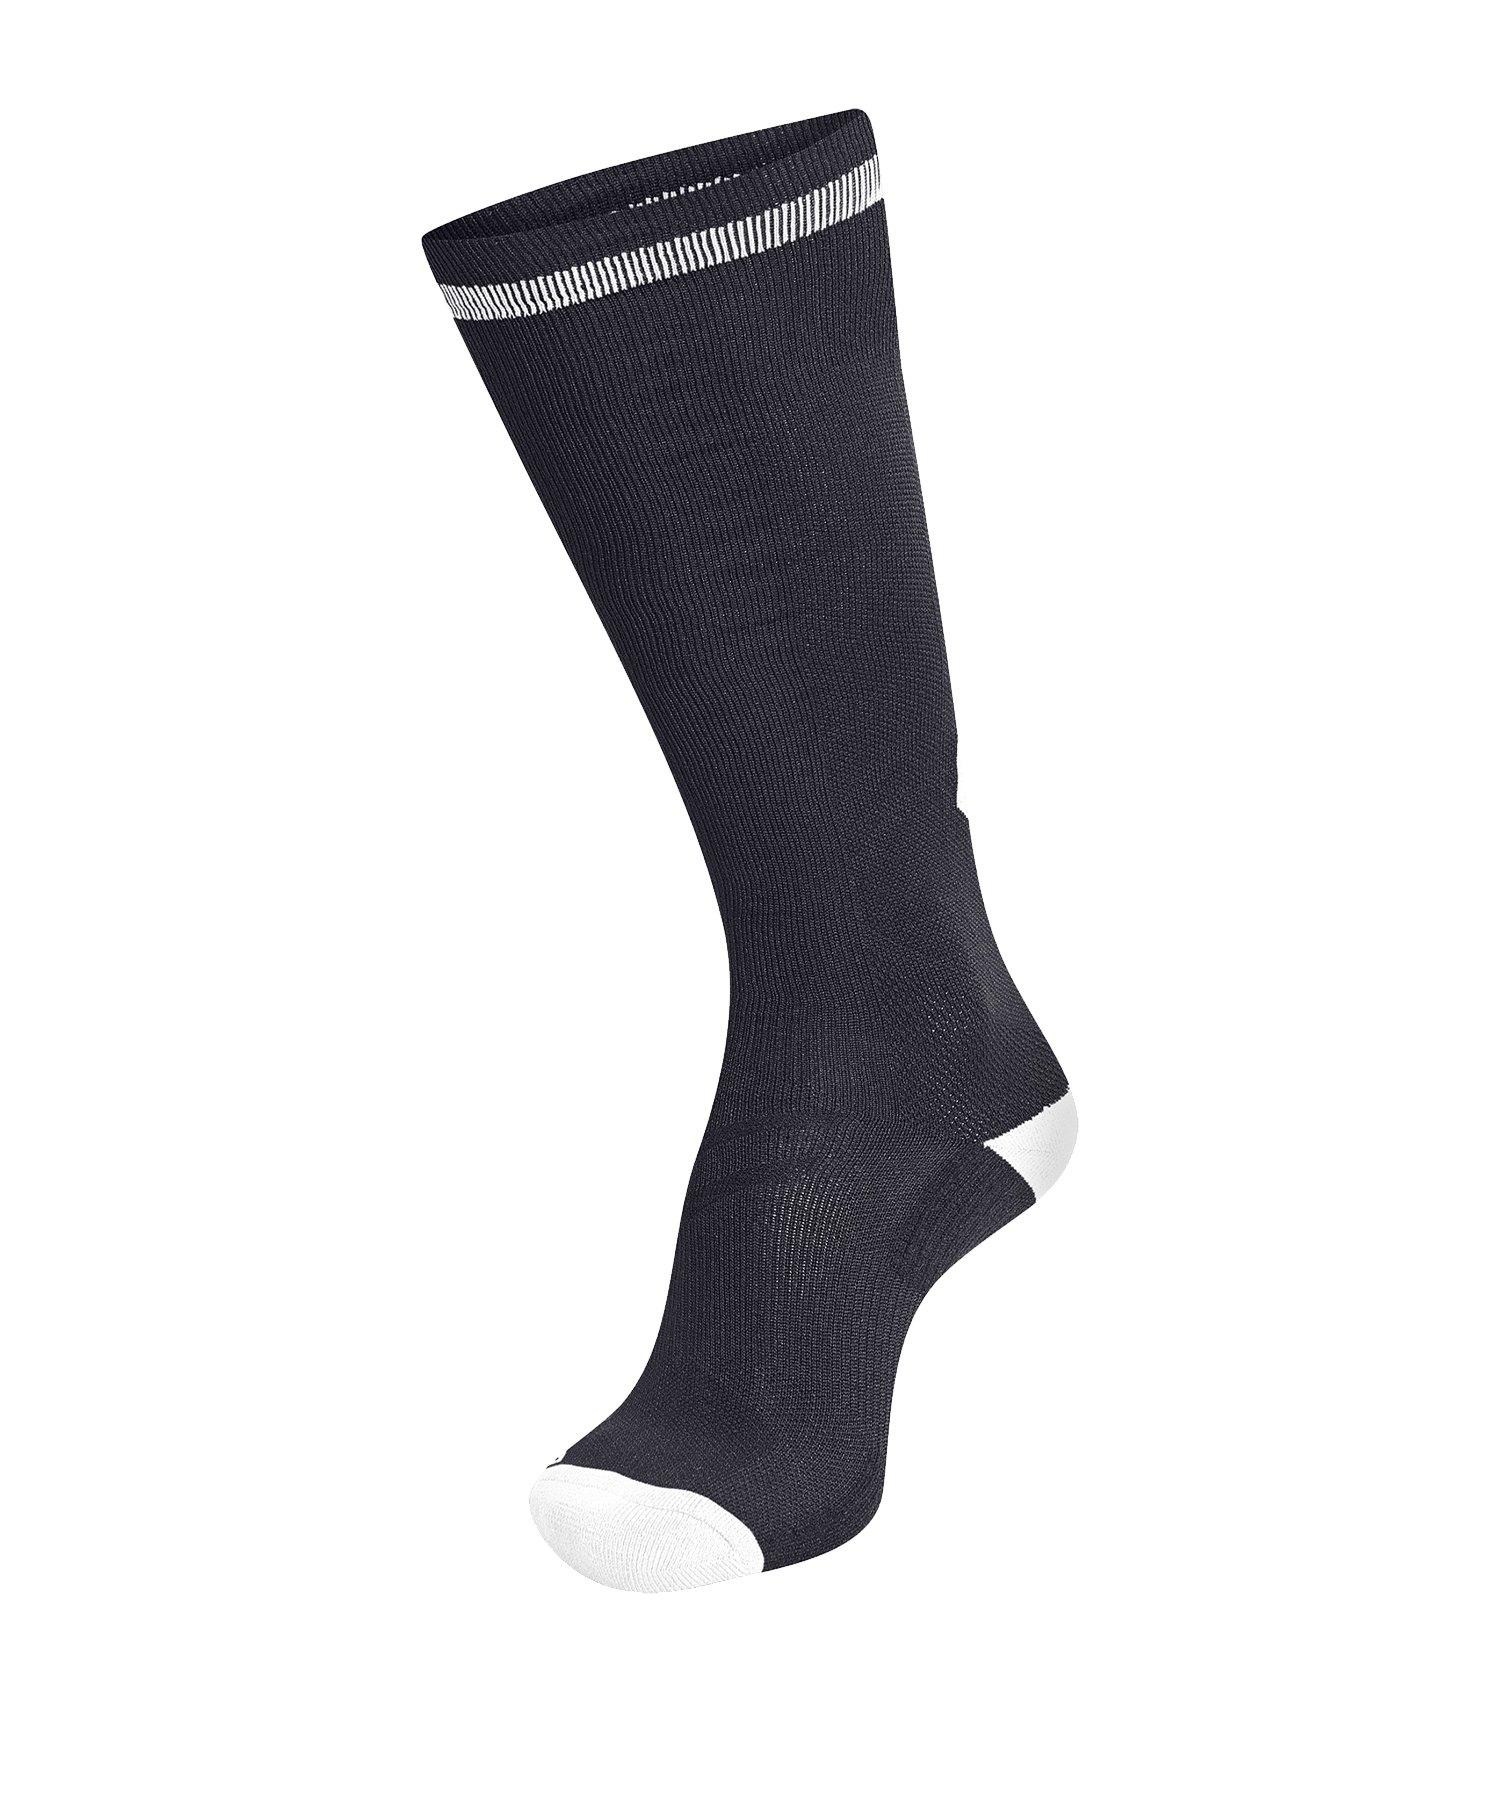 Hummel Elite Indoor Sock High Socken Schwarz F2114 - Schwarz